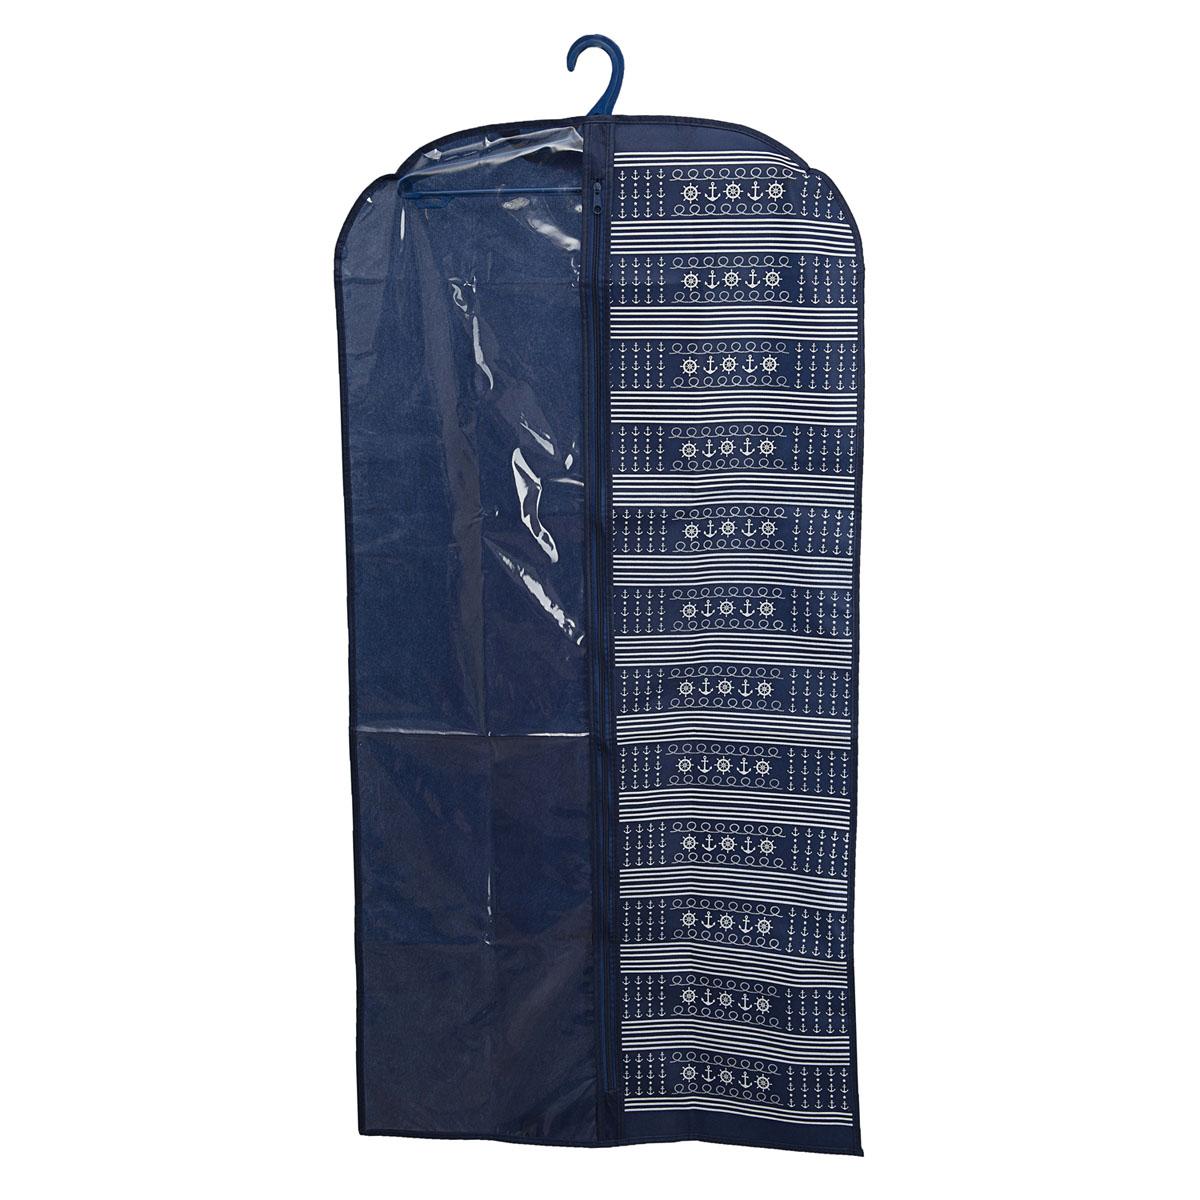 Чехол для одежды Homsu Ocean, подвесной, с прозрачной вставкой, 120 х 60 смHOM-228Подвесной чехол для одежды Homsu Ocean на застежке-молнии выполнен из высококачественного нетканого материала. Чехол снабжен прозрачной вставкой из ПВХ, что позволяет легко просматривать содержимое. Изделие подходит для длительного хранения вещей. Чехол обеспечит вашей одежде надежную защиту от влажности, повреждений и грязи при транспортировке, от запыления при хранении и проникновения моли. Чехол позволяет воздуху свободно поступать внутрь вещей, обеспечивая их кондиционирование. Это особенно важно при хранении кожаных и меховых изделий. Чехол для одежды Homsu Ocean создаст уютную атмосферу в гардеробе. Лаконичный дизайн придется по вкусу ценительницам эстетичного хранения и сделают вашу гардеробную изысканной и невероятно стильной. Размер чехла: 120 х 60 см.